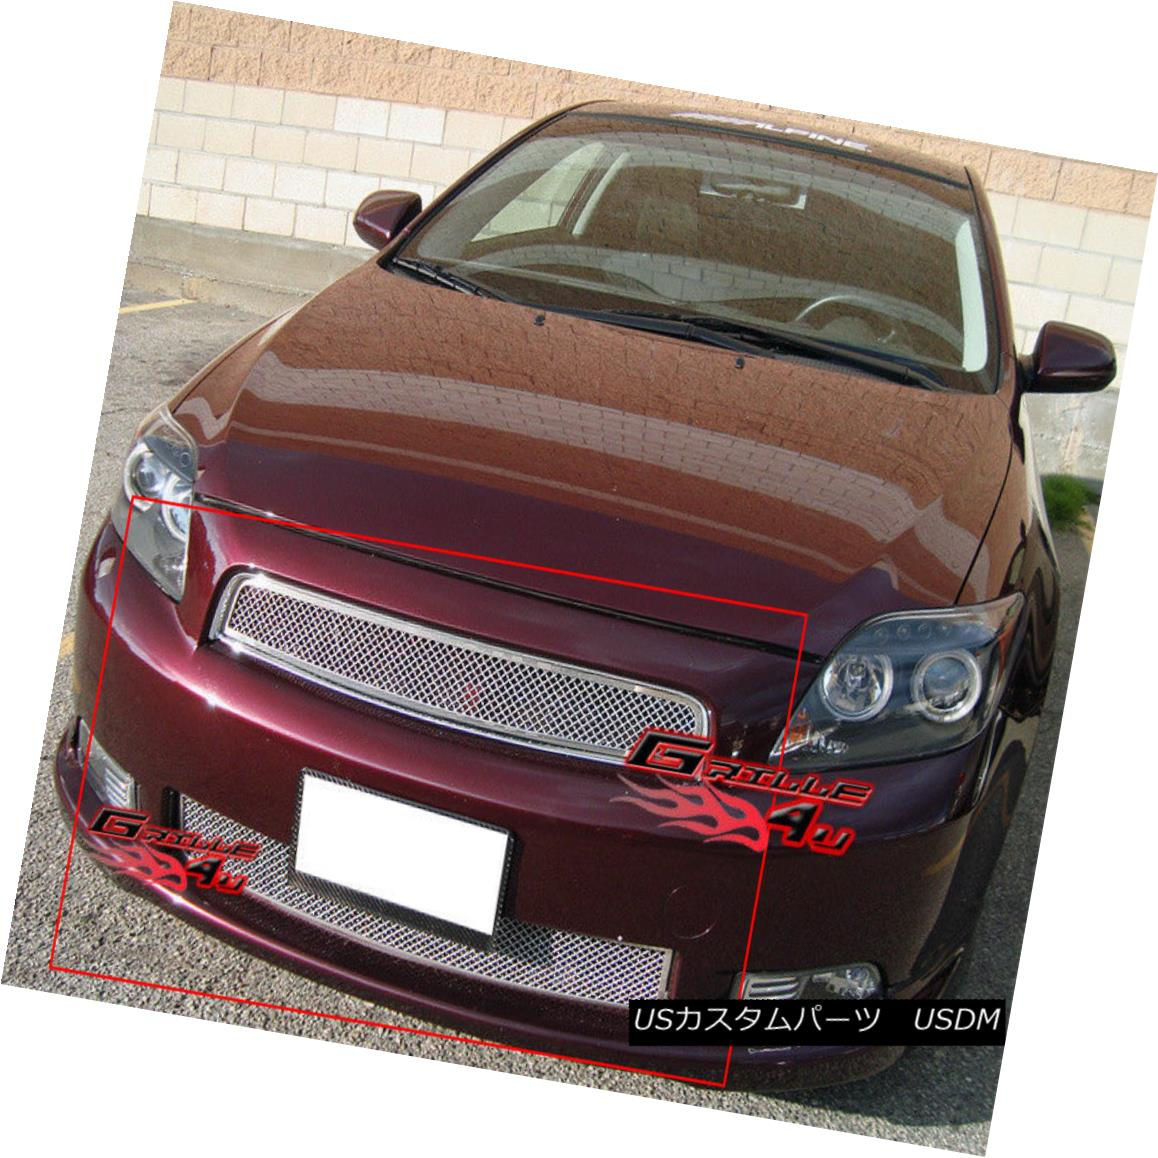 グリル Fits 2005-2010 Scion TC Stainless Steel Billet Grille Grill Combo Insert 2005-2010 Scion TCステンレススチールビレットグリルグリルコンボインサート